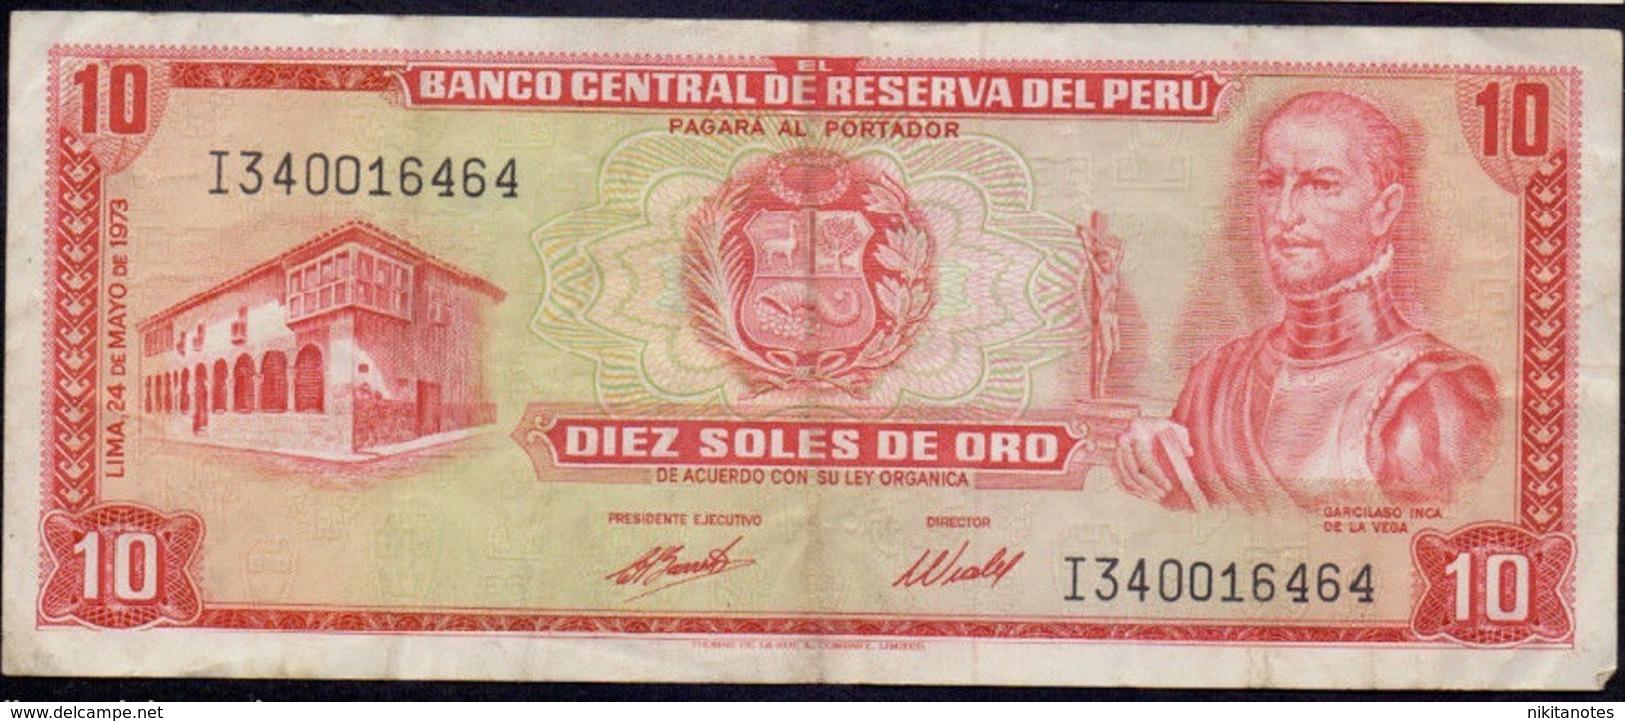 PERU 10 SOLES Perú  Billete  10 Soles 1971-1973 Vf - Peru